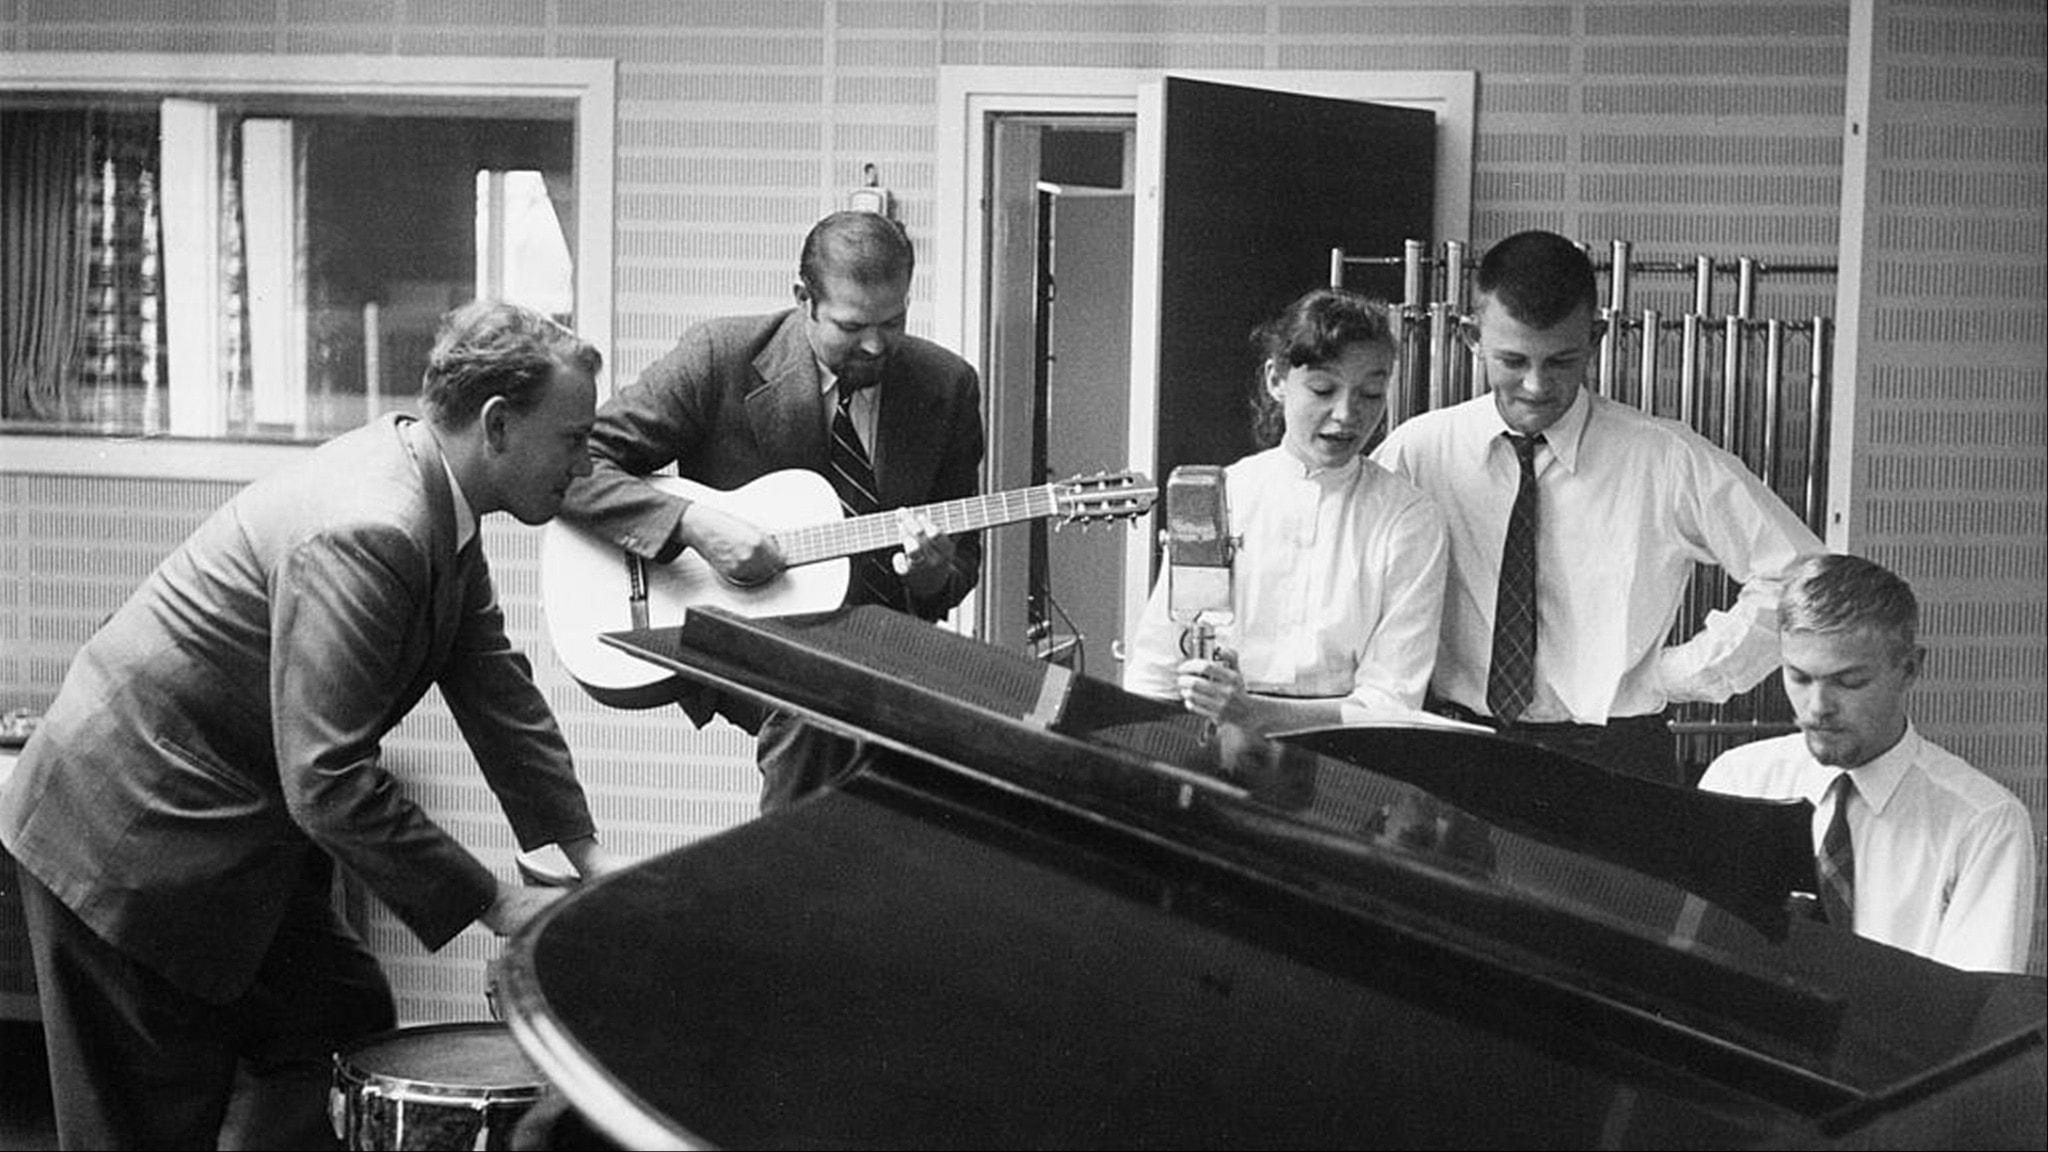 Kvällsstämning med Olle Adolphson vid pianot. Fr v Lars Forssell, Beppe Wolgers, Ulla Sjöblom och Sven-Bertil Taube. Foto: SVT Bild.